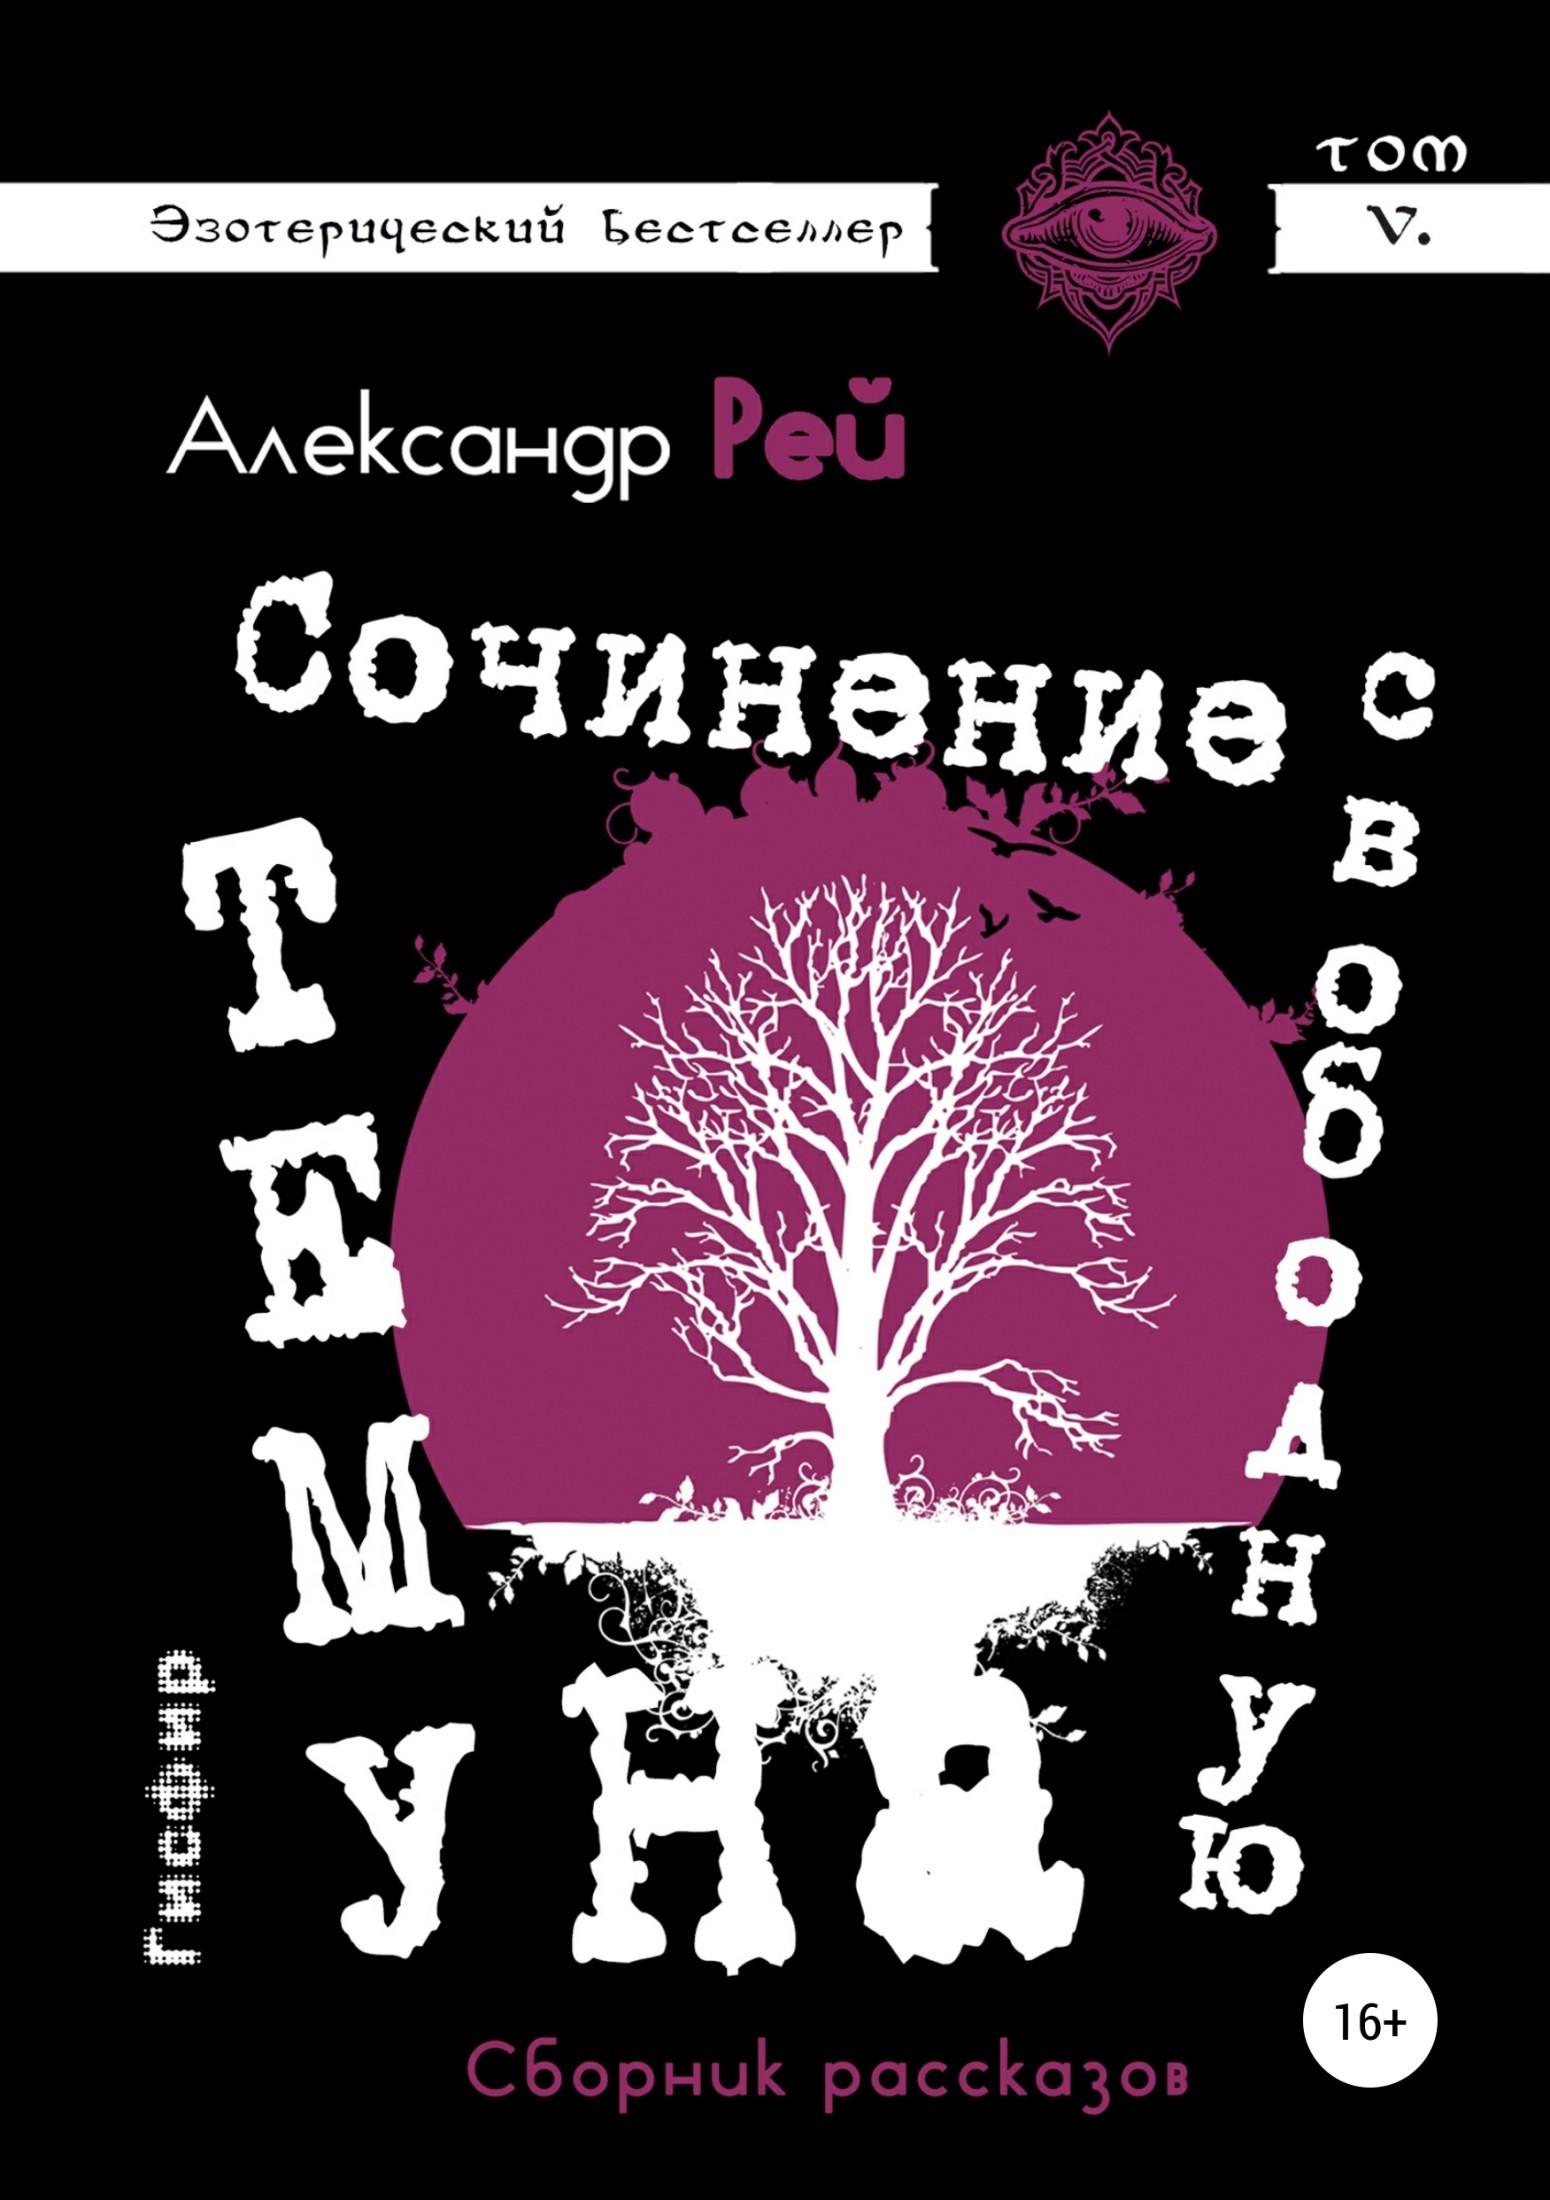 Александр Рей - Сочинение на свободную тему. Сборник рассказов